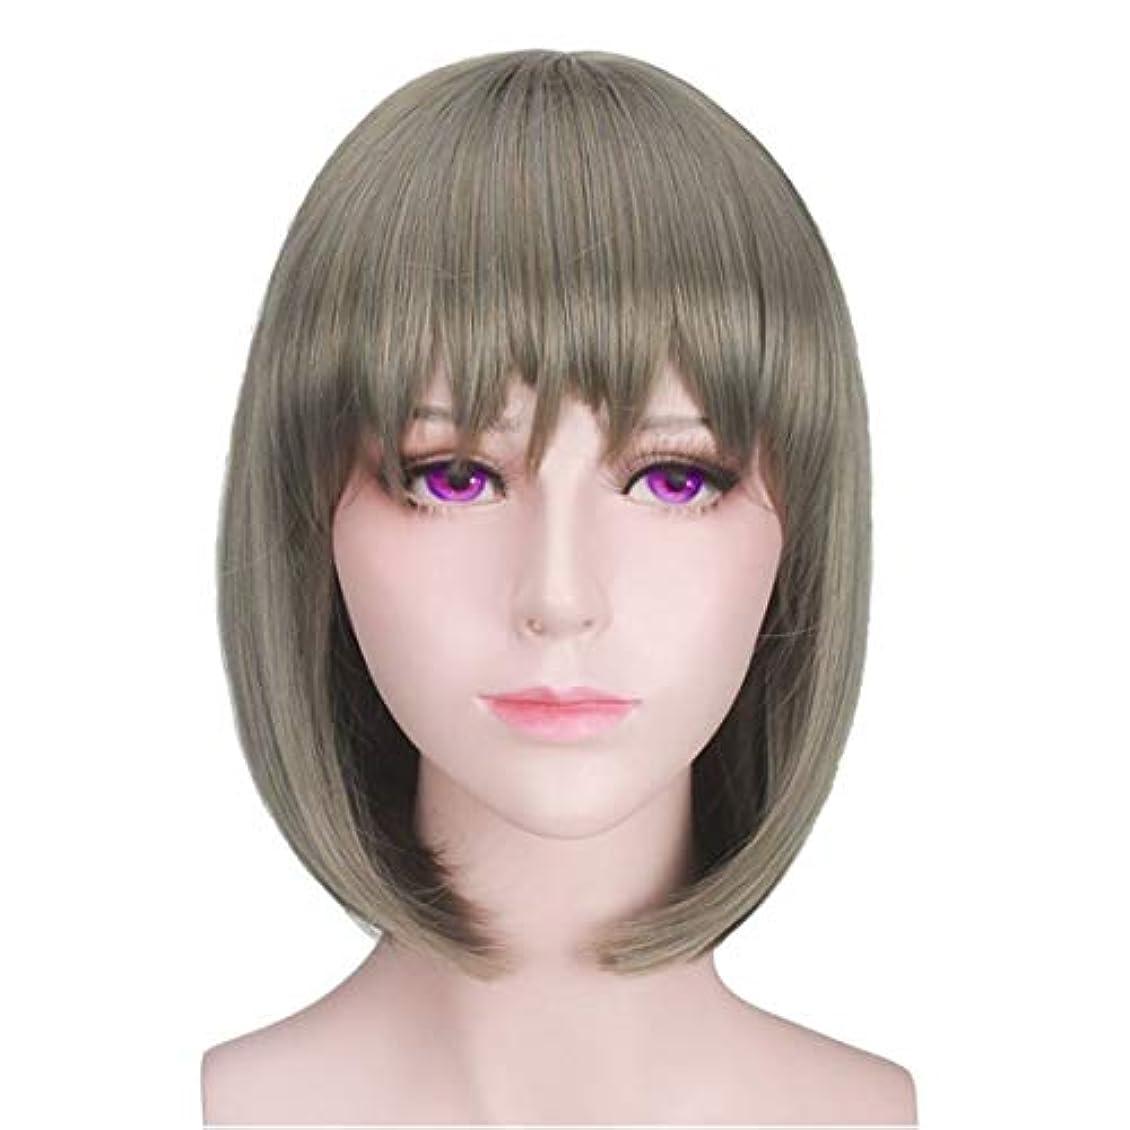 不均一考慮層YOUQIU くそ前髪ウィッグショートヘアボボヘッドハンサムな顔ふわふわナチュラルウィッグ帽子ウィッグ (色 : Photo Color)